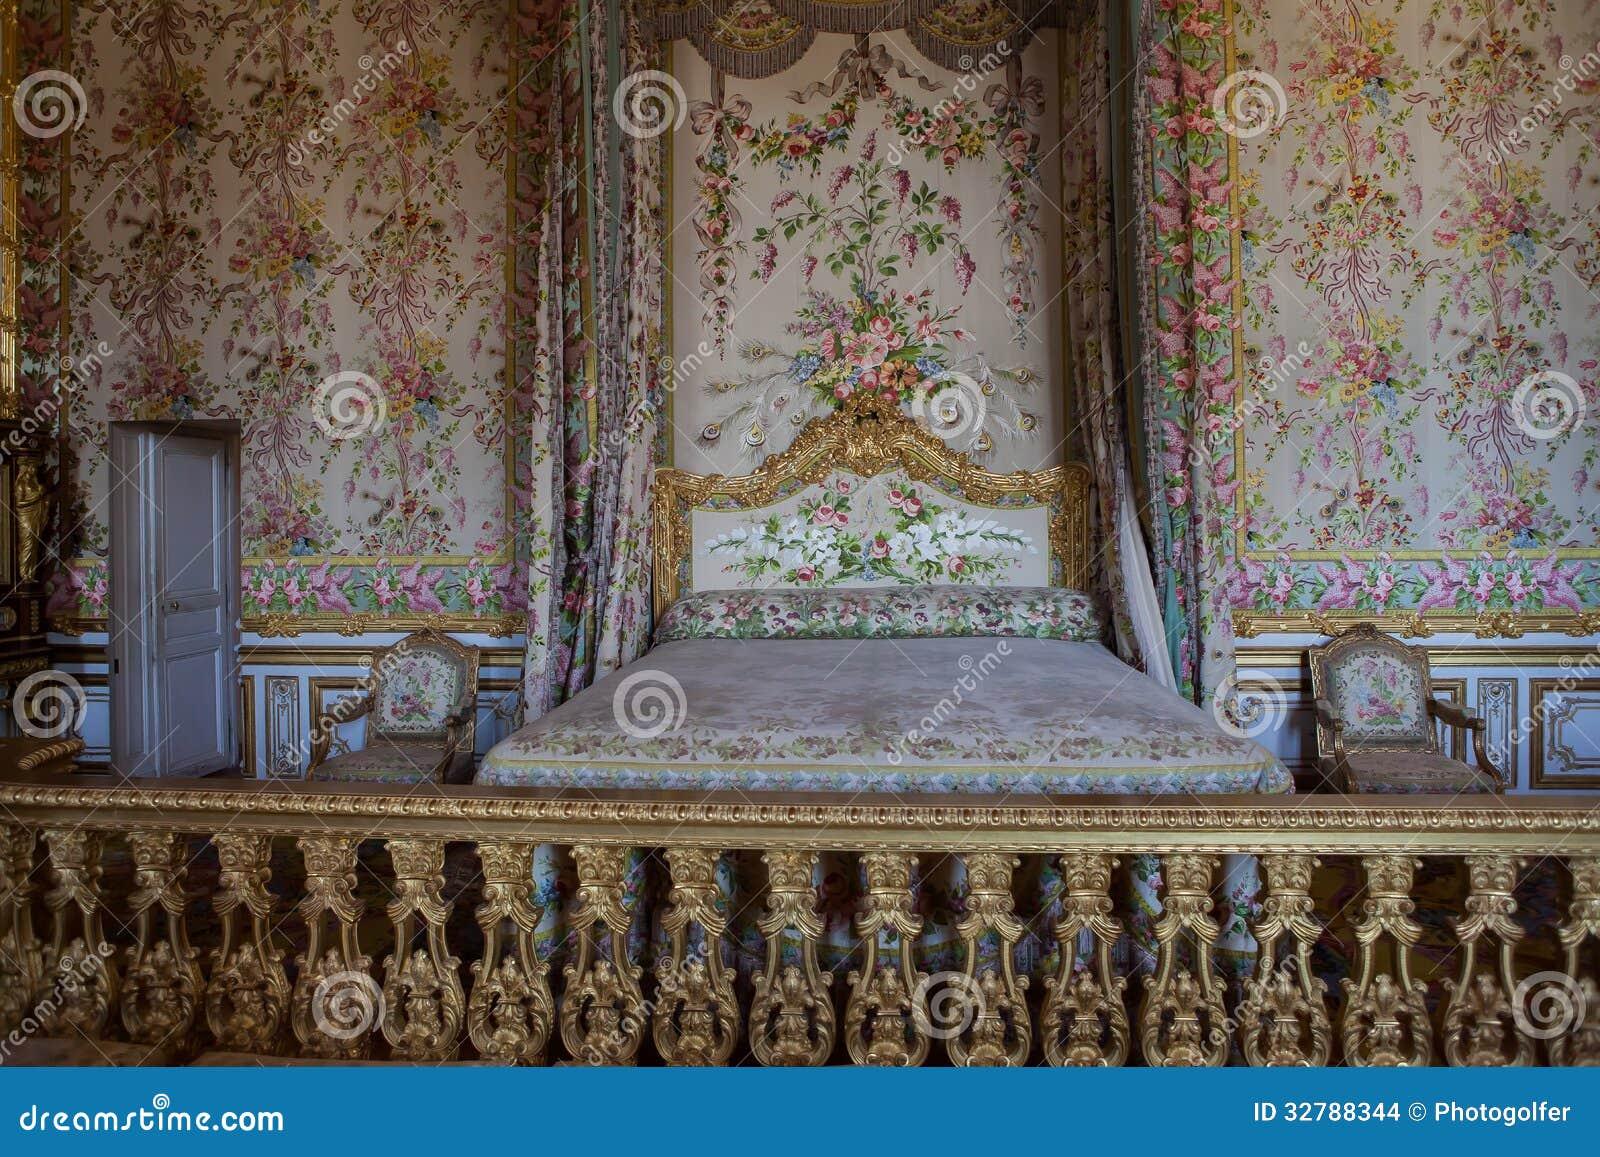 Camera da letto della regina castello de versailles - Letto versailles ...